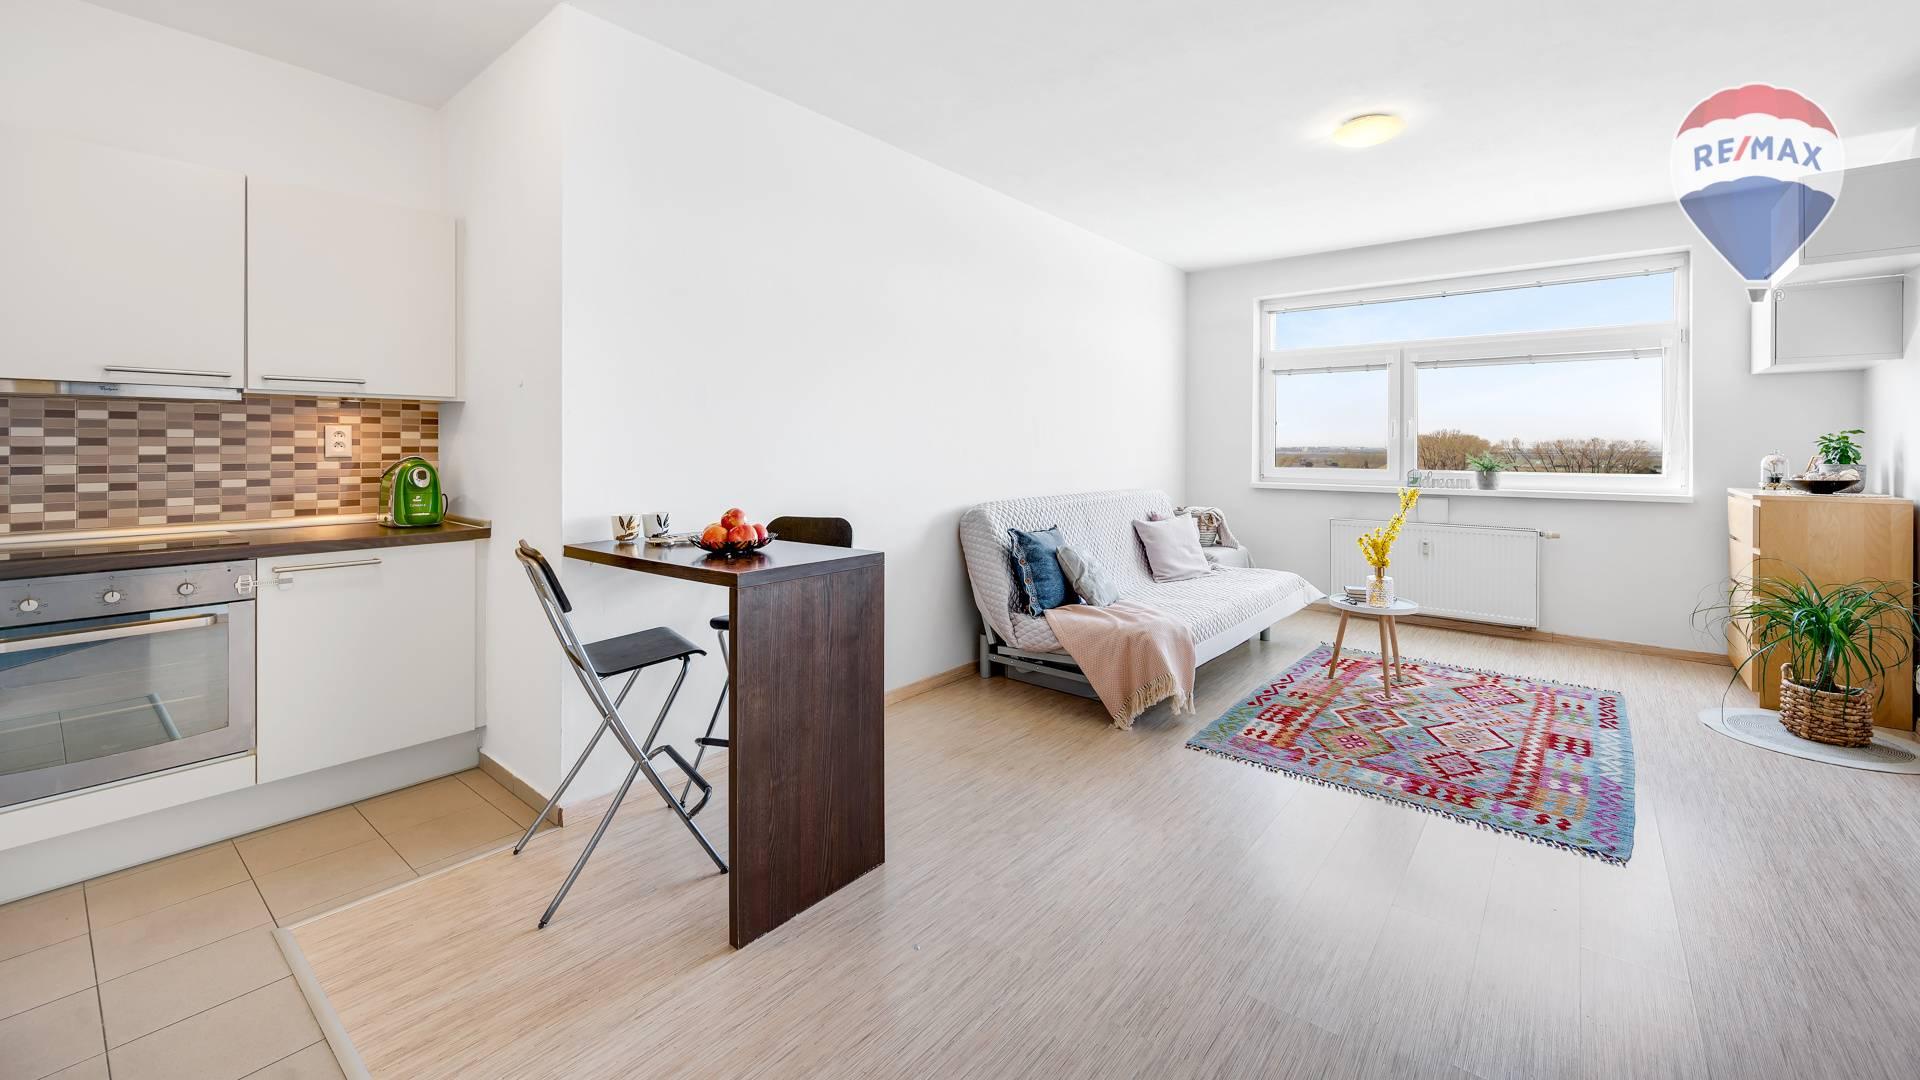 Slnečný 1-izbový byt v zelenej časti Bratislavy, Záhorská Bystrica